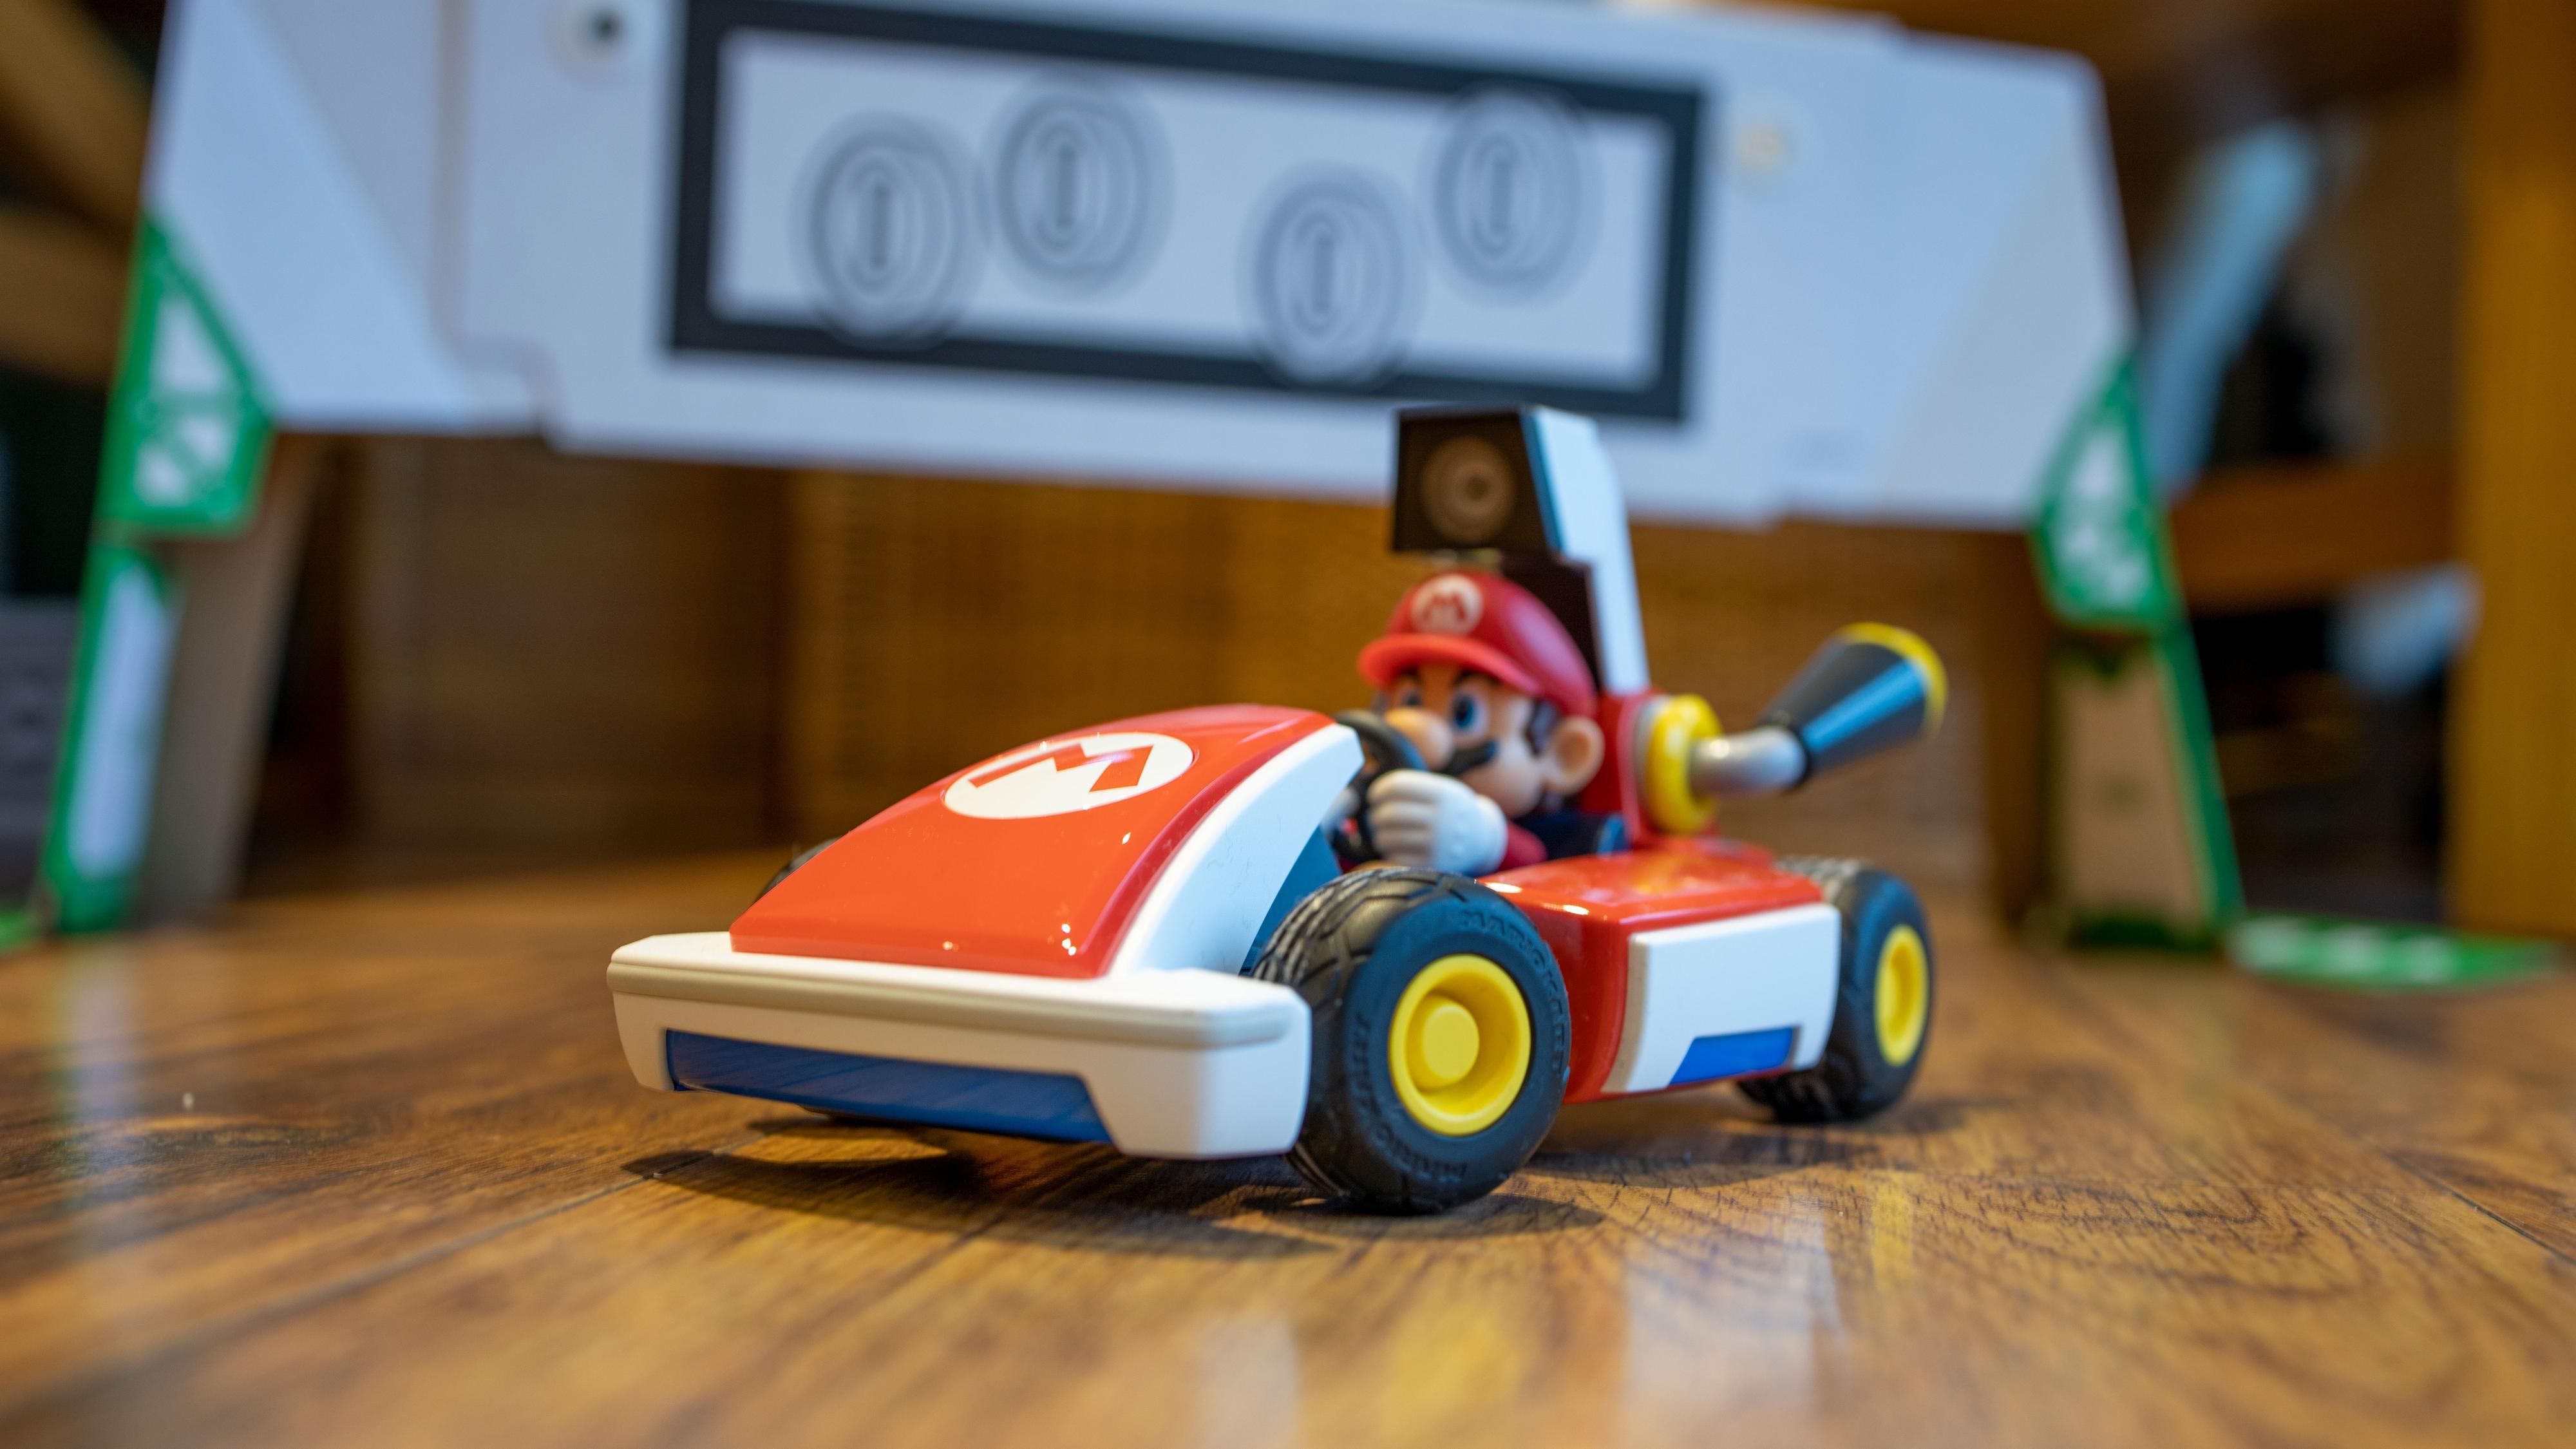 «Ekte» Mario Kart i stua føles ganske magisk, men det har noen kjipe begrensninger